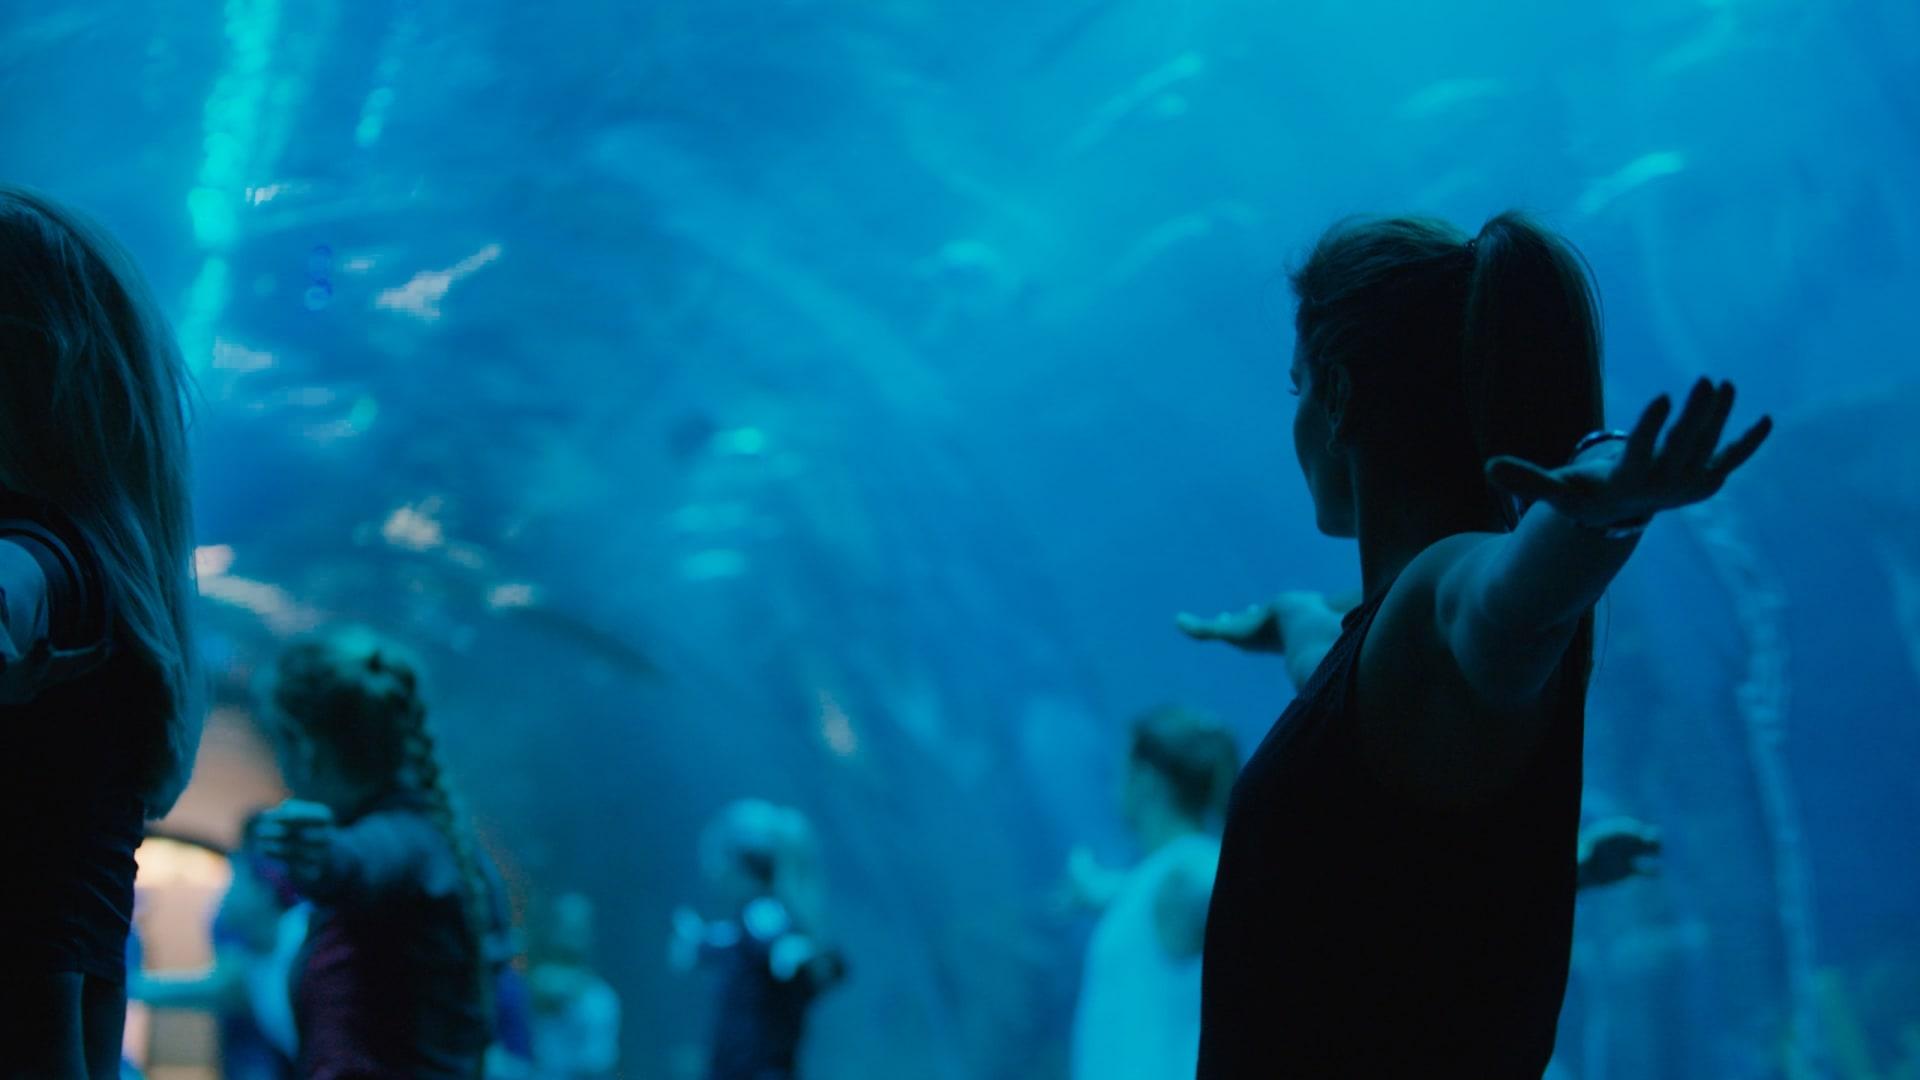 يوغا تحت الماء في دبي وبين 30 ألف سمكة.. هل تجربها؟